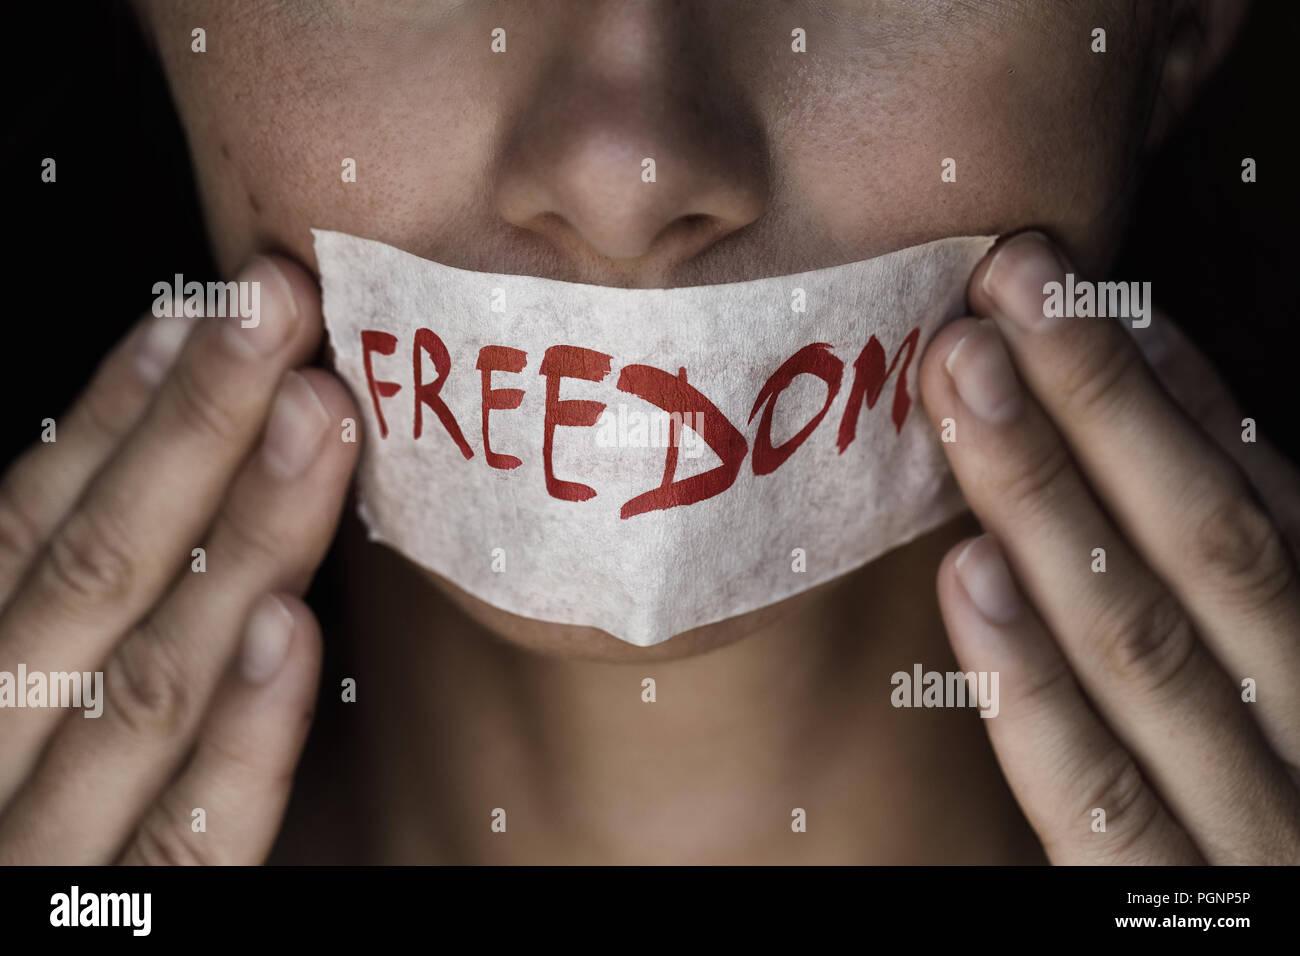 Konzept zum Thema der Freiheit der Rede: das Gesicht des Mädchens ist mit Klebeband abgedichtet Stockbild